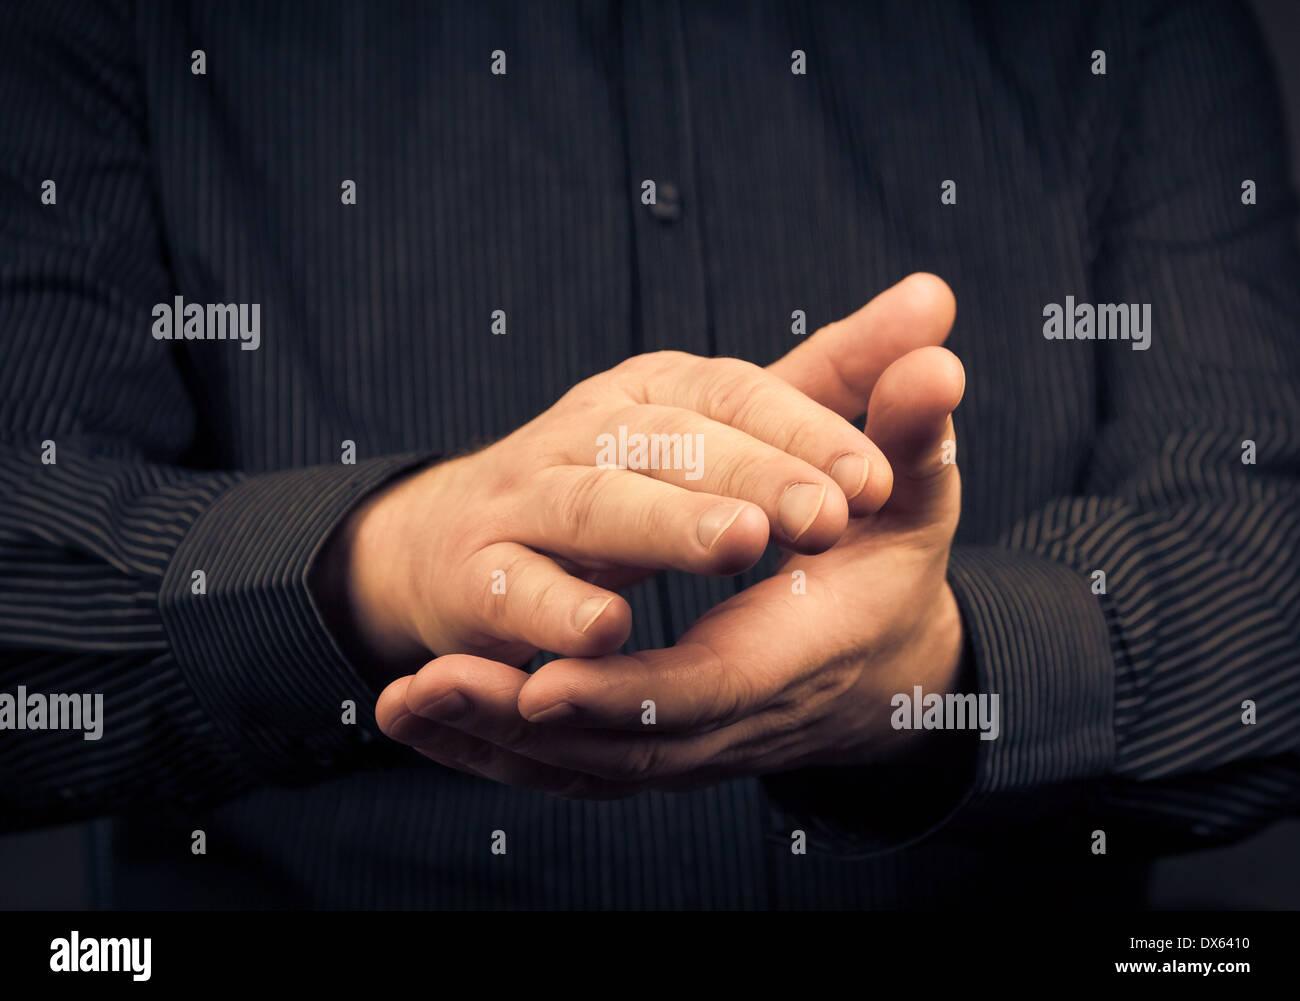 Uomo che esprimono il loro apprezzamento battendo le mani Immagini Stock